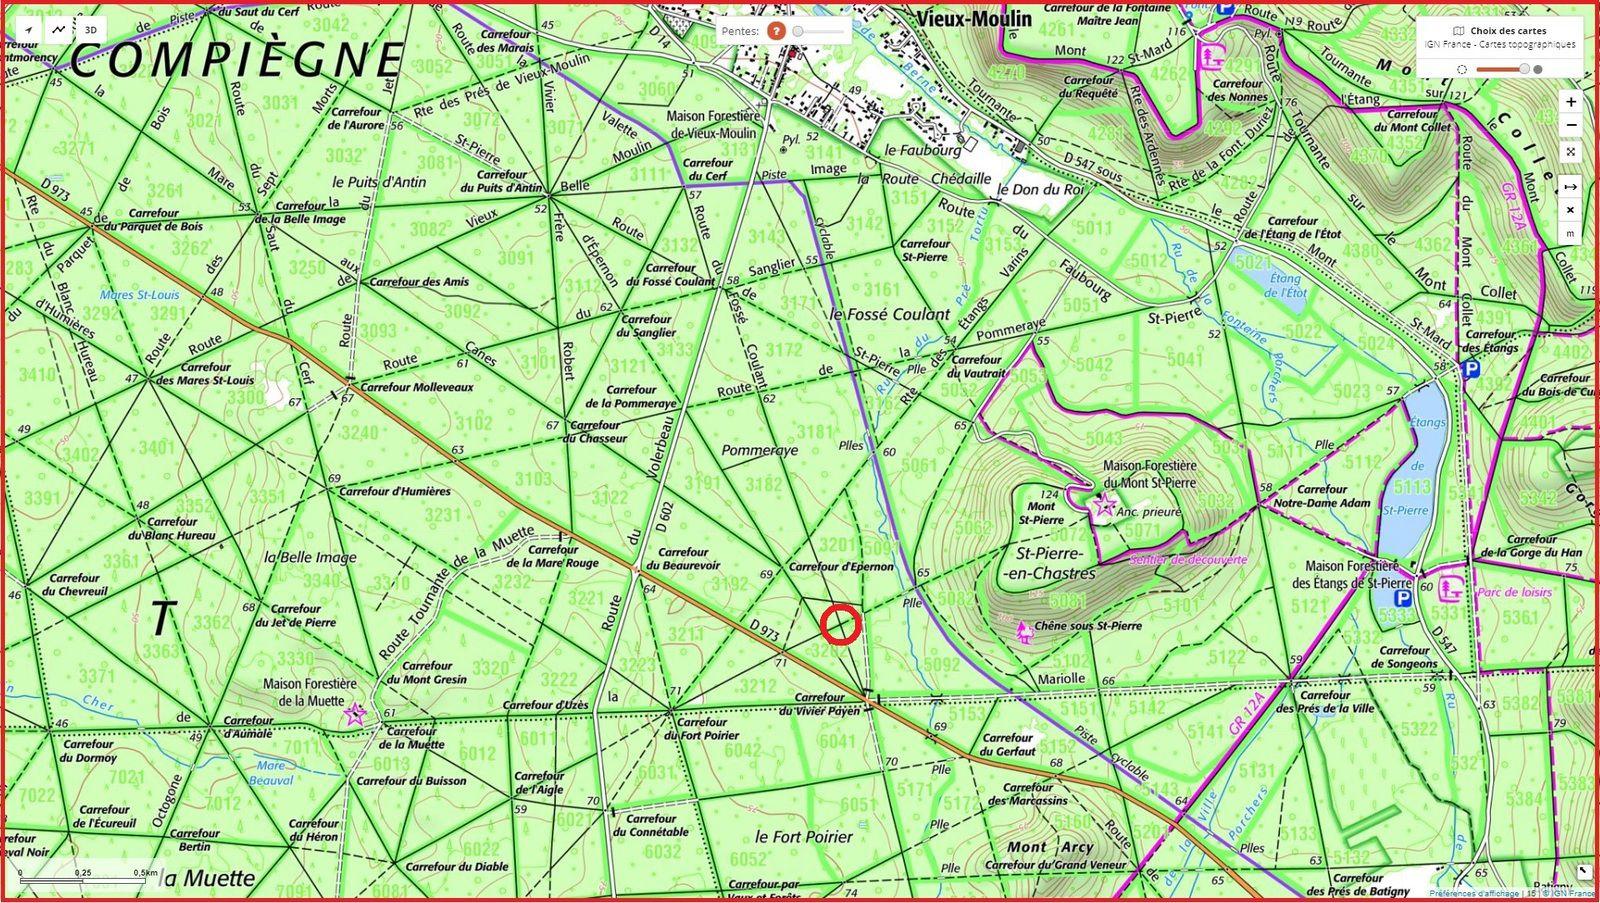 carrefour_Route du Fossé Coulant_Route des Moines